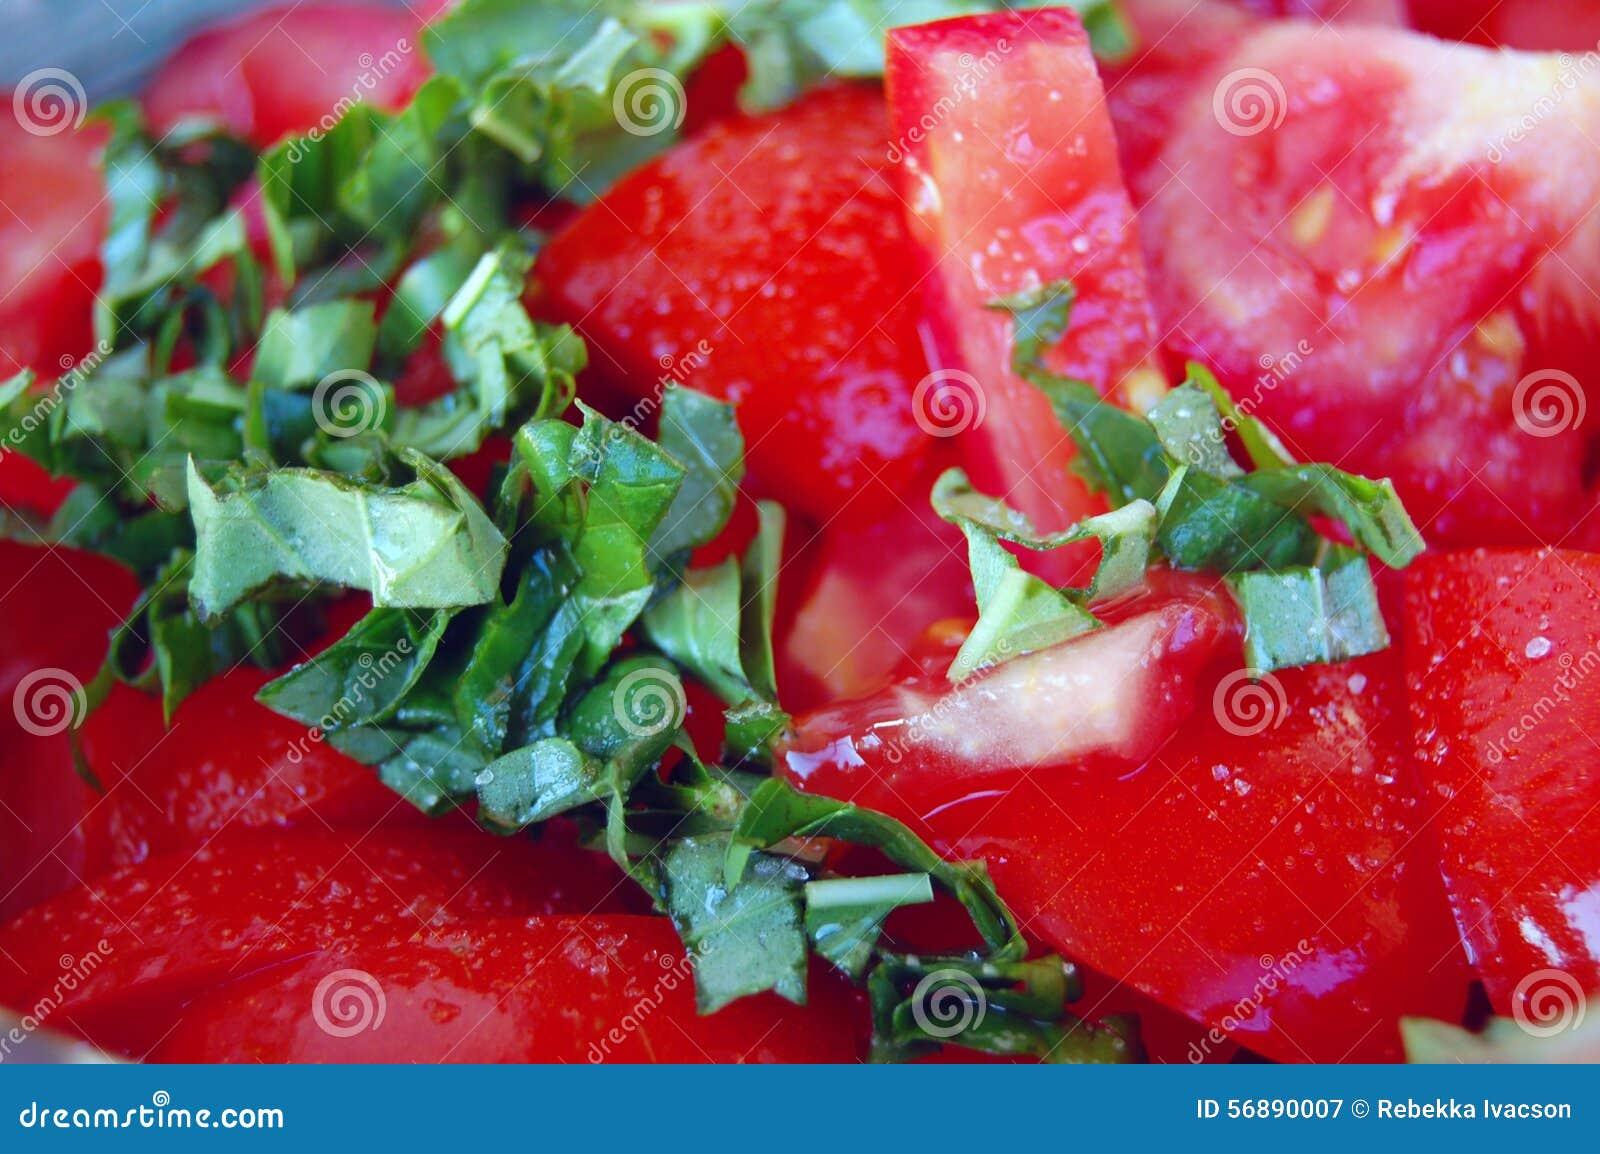 Insalata fresca del pomodoro con basilico in ciotola ceramica